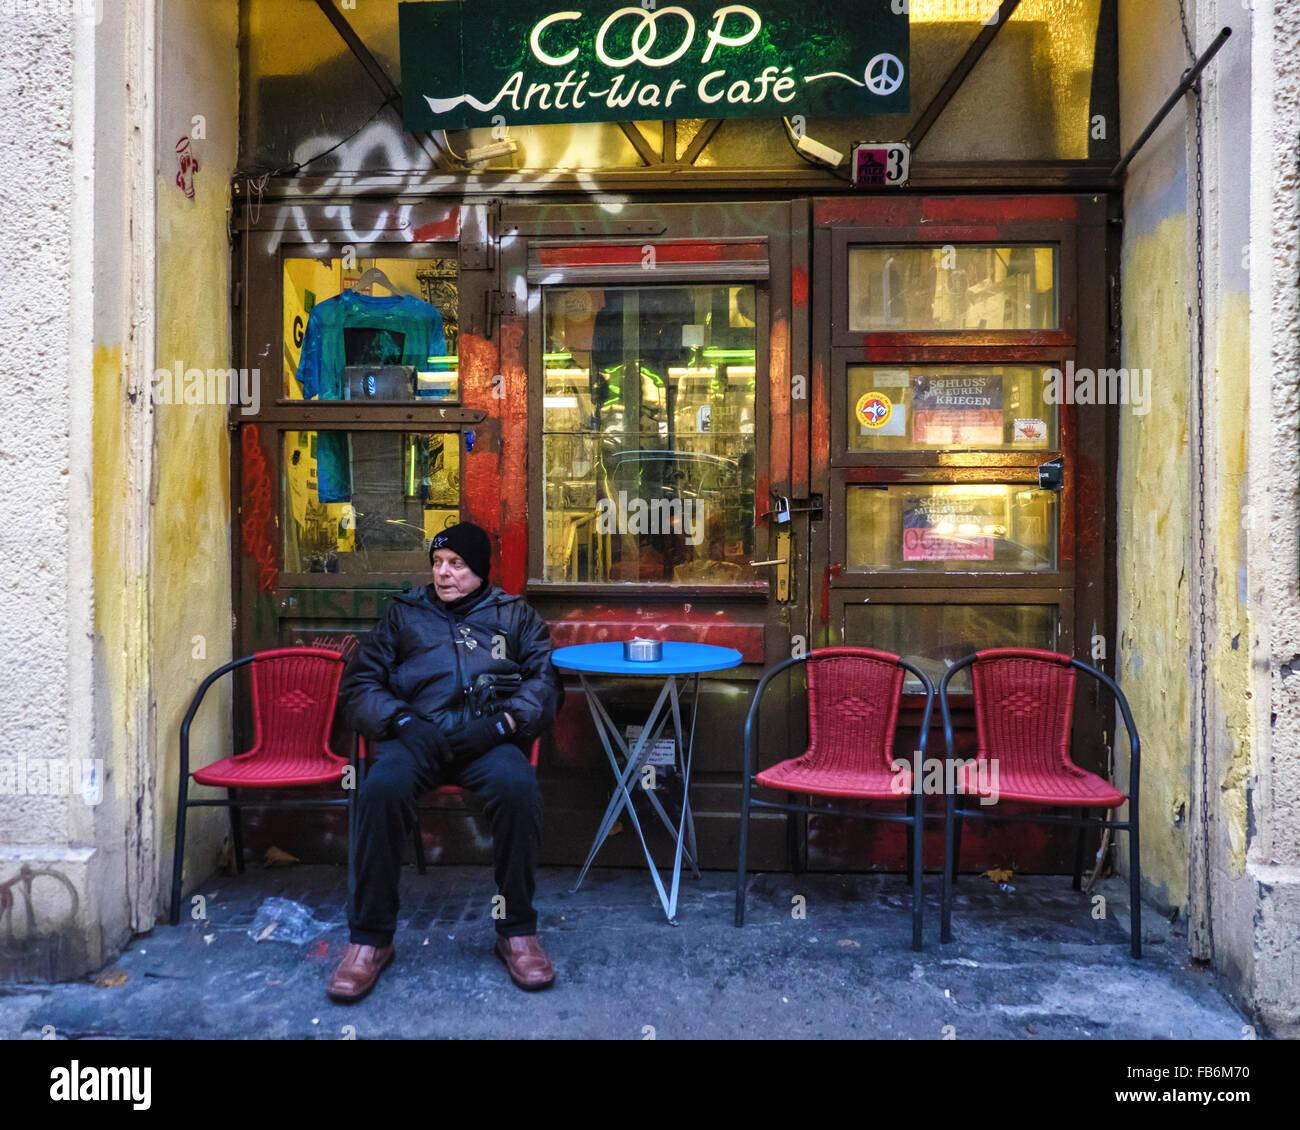 Berlin-Coop Anti-Kriegs Cafe, Galerie und Musik Veranstaltungsort mit älterer Mann sitzt am Tisch für Stockbild